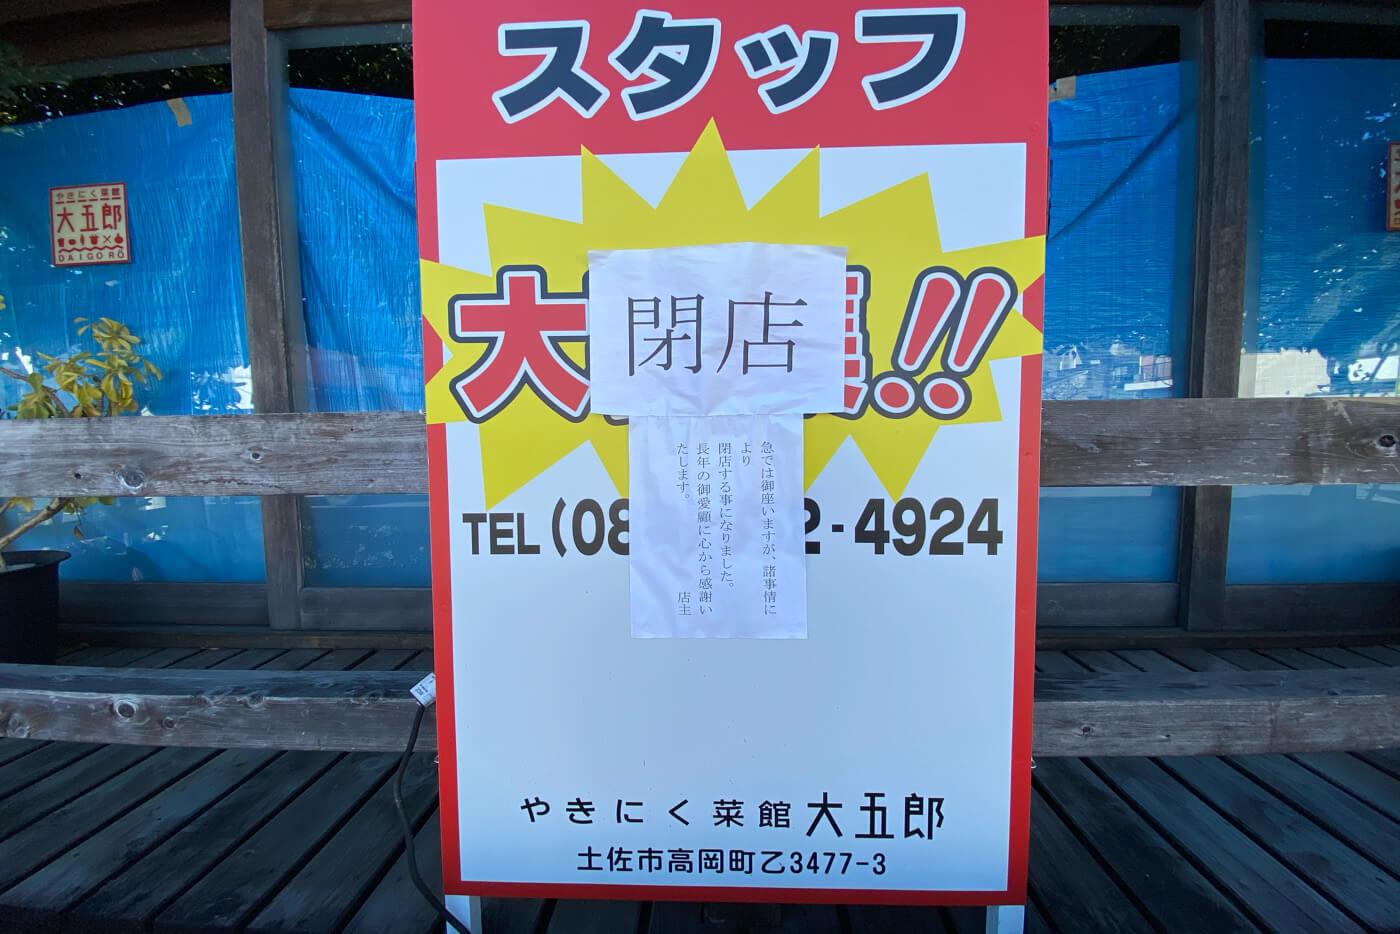 焼肉菜館大五郎の店先に貼られた閉店のお知らせ